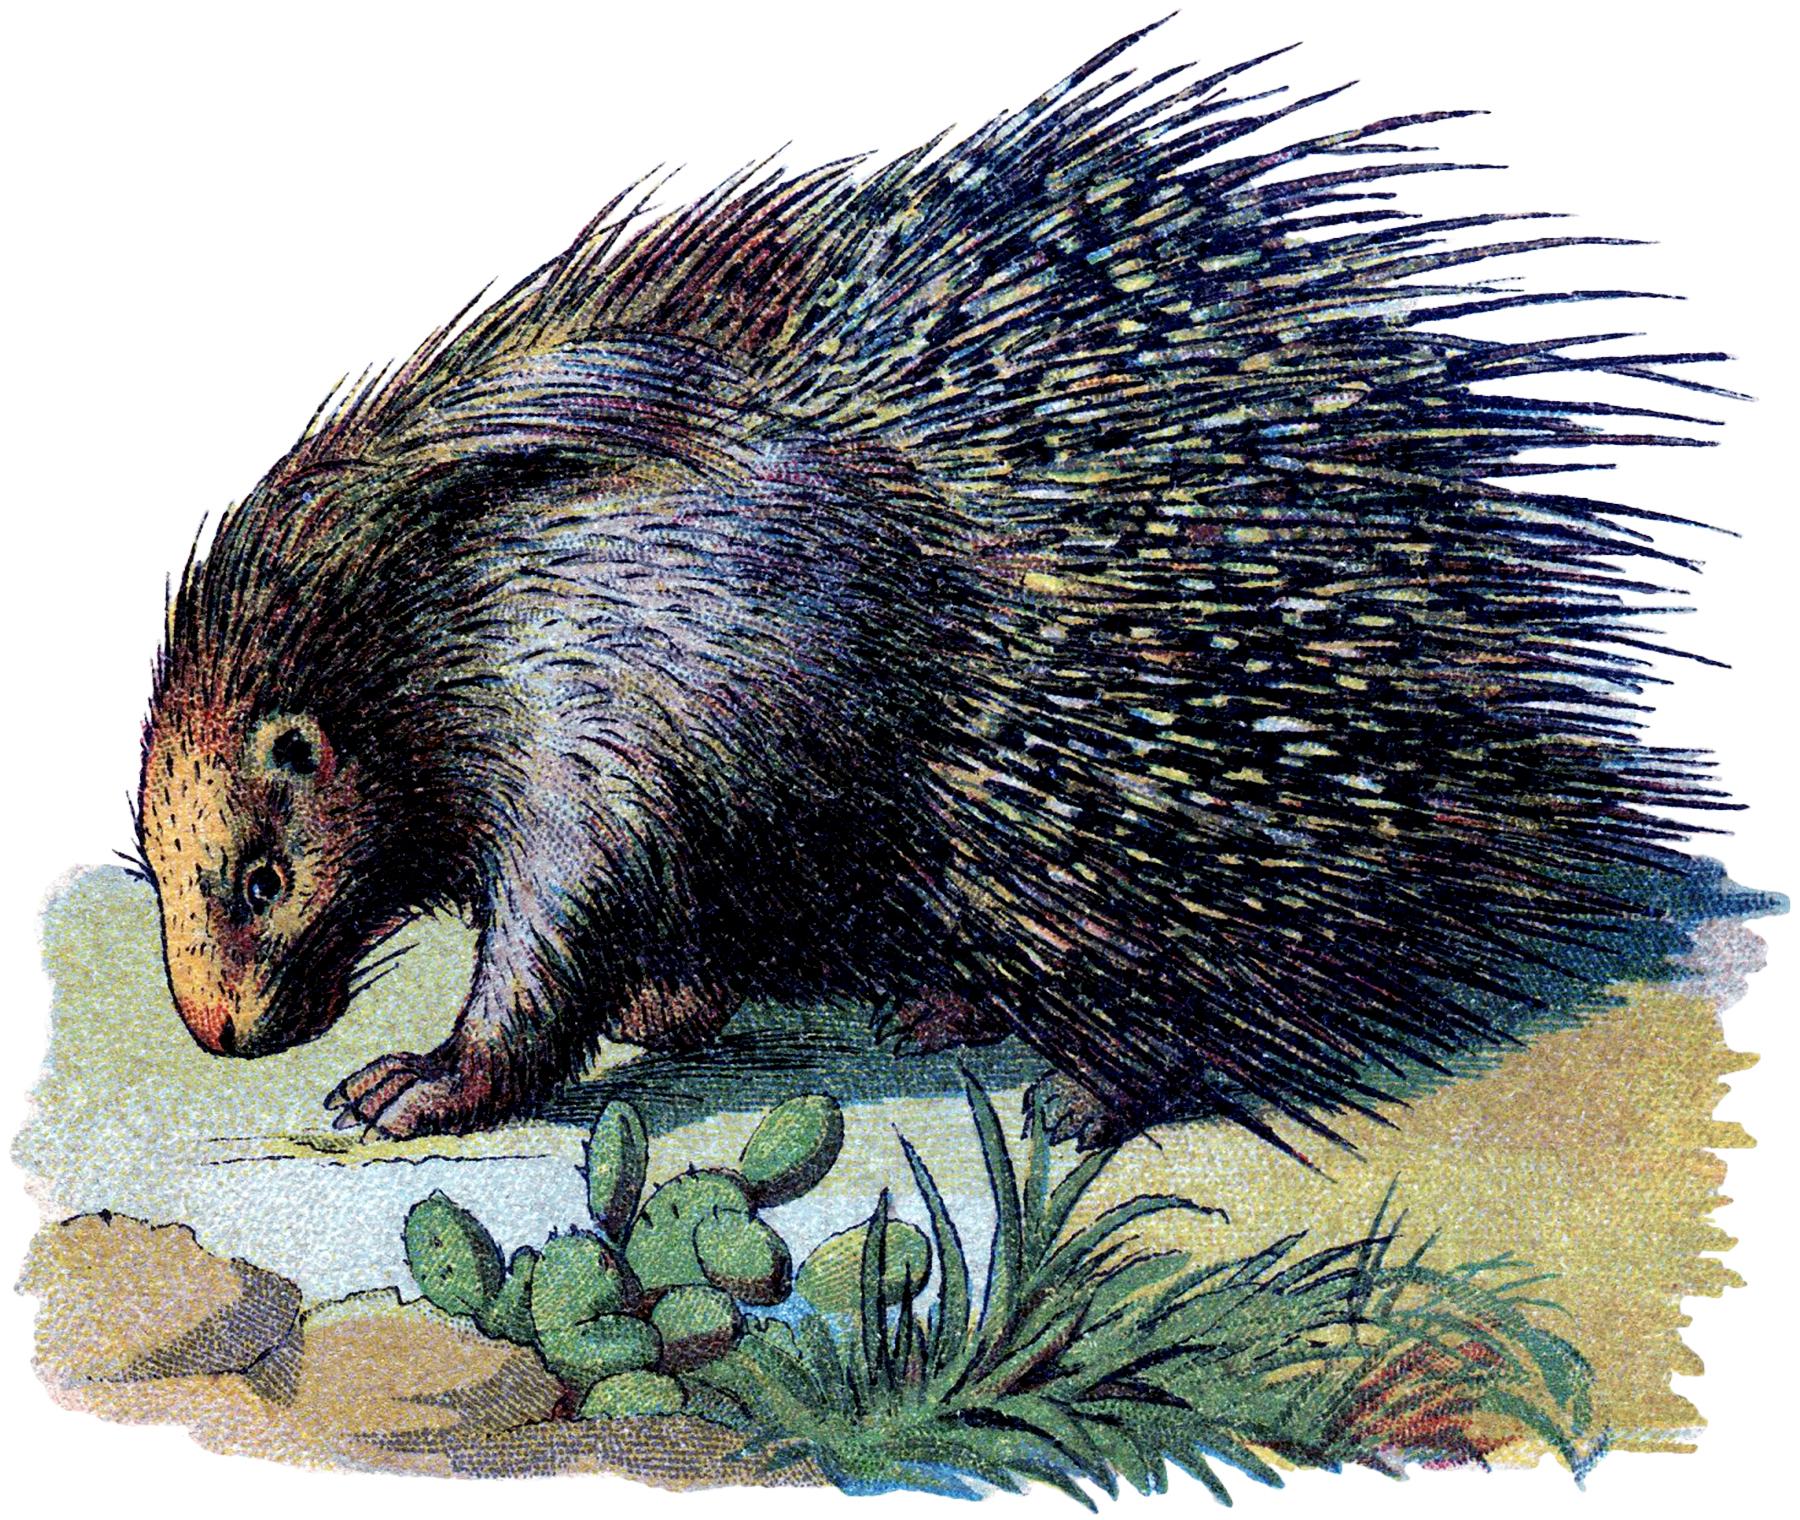 Vintage Porcupine Image